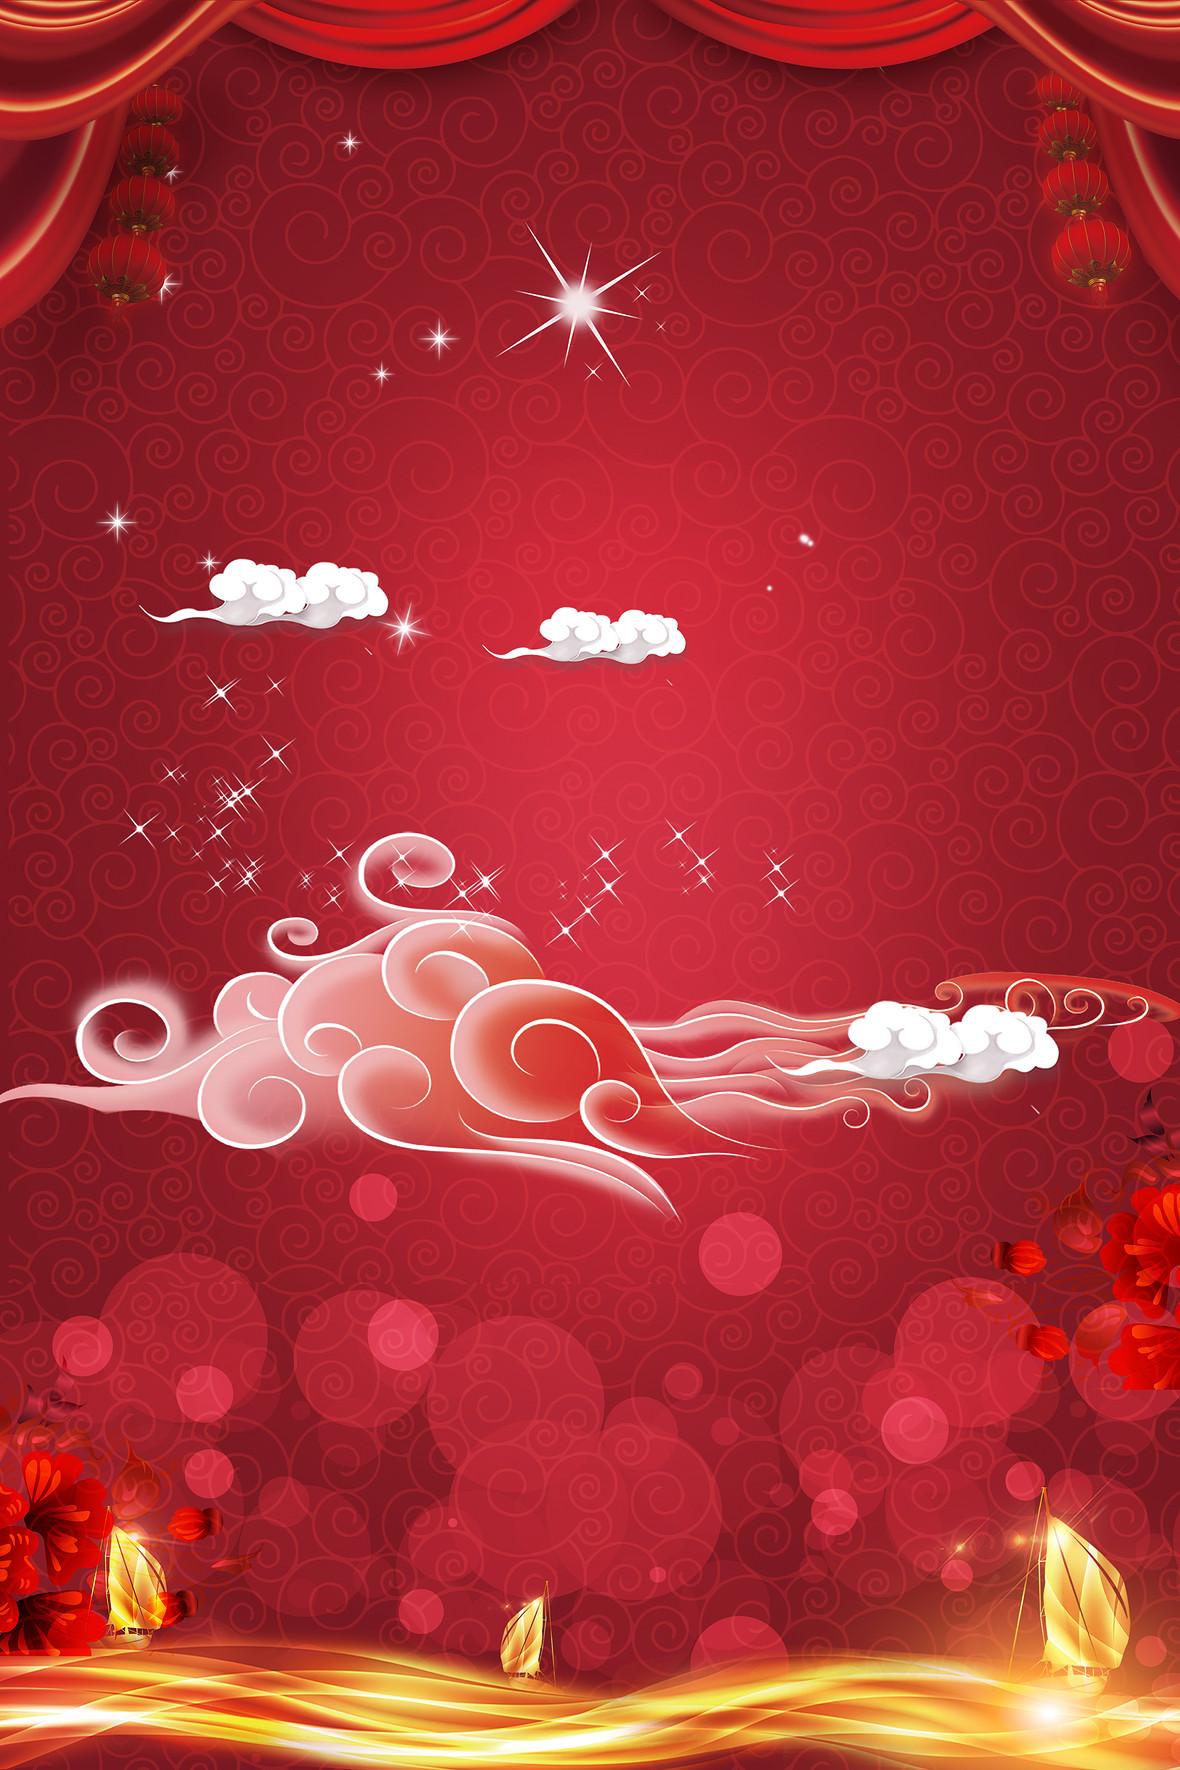 红色底纹祥云迎新春新年海报背景素材